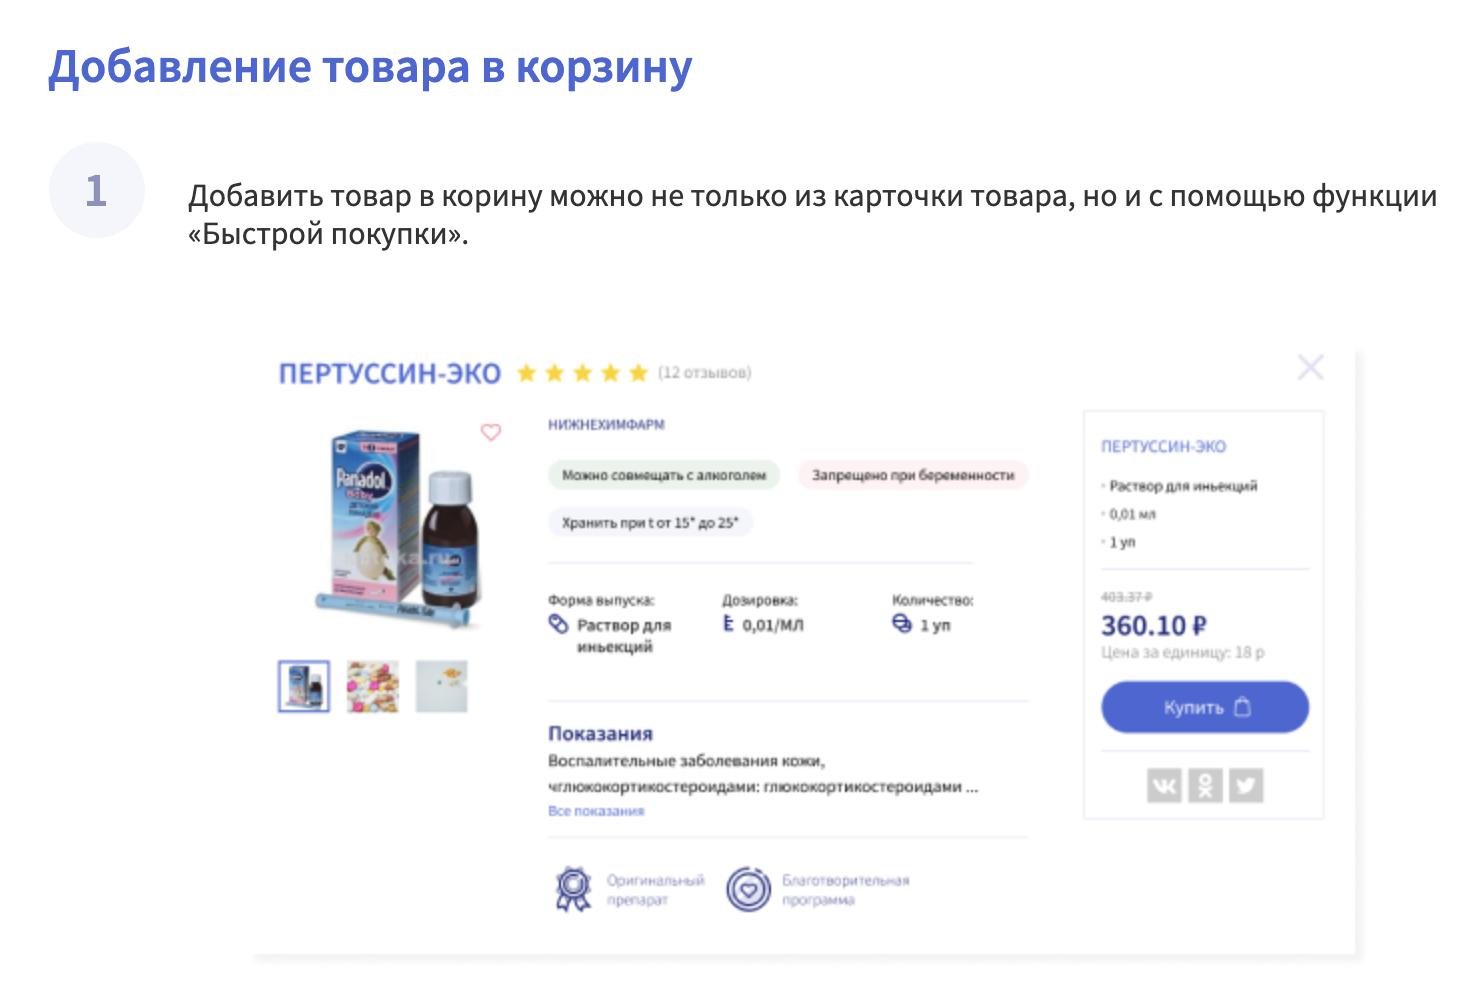 аптека ру как добавить в корзину товар и оплатить